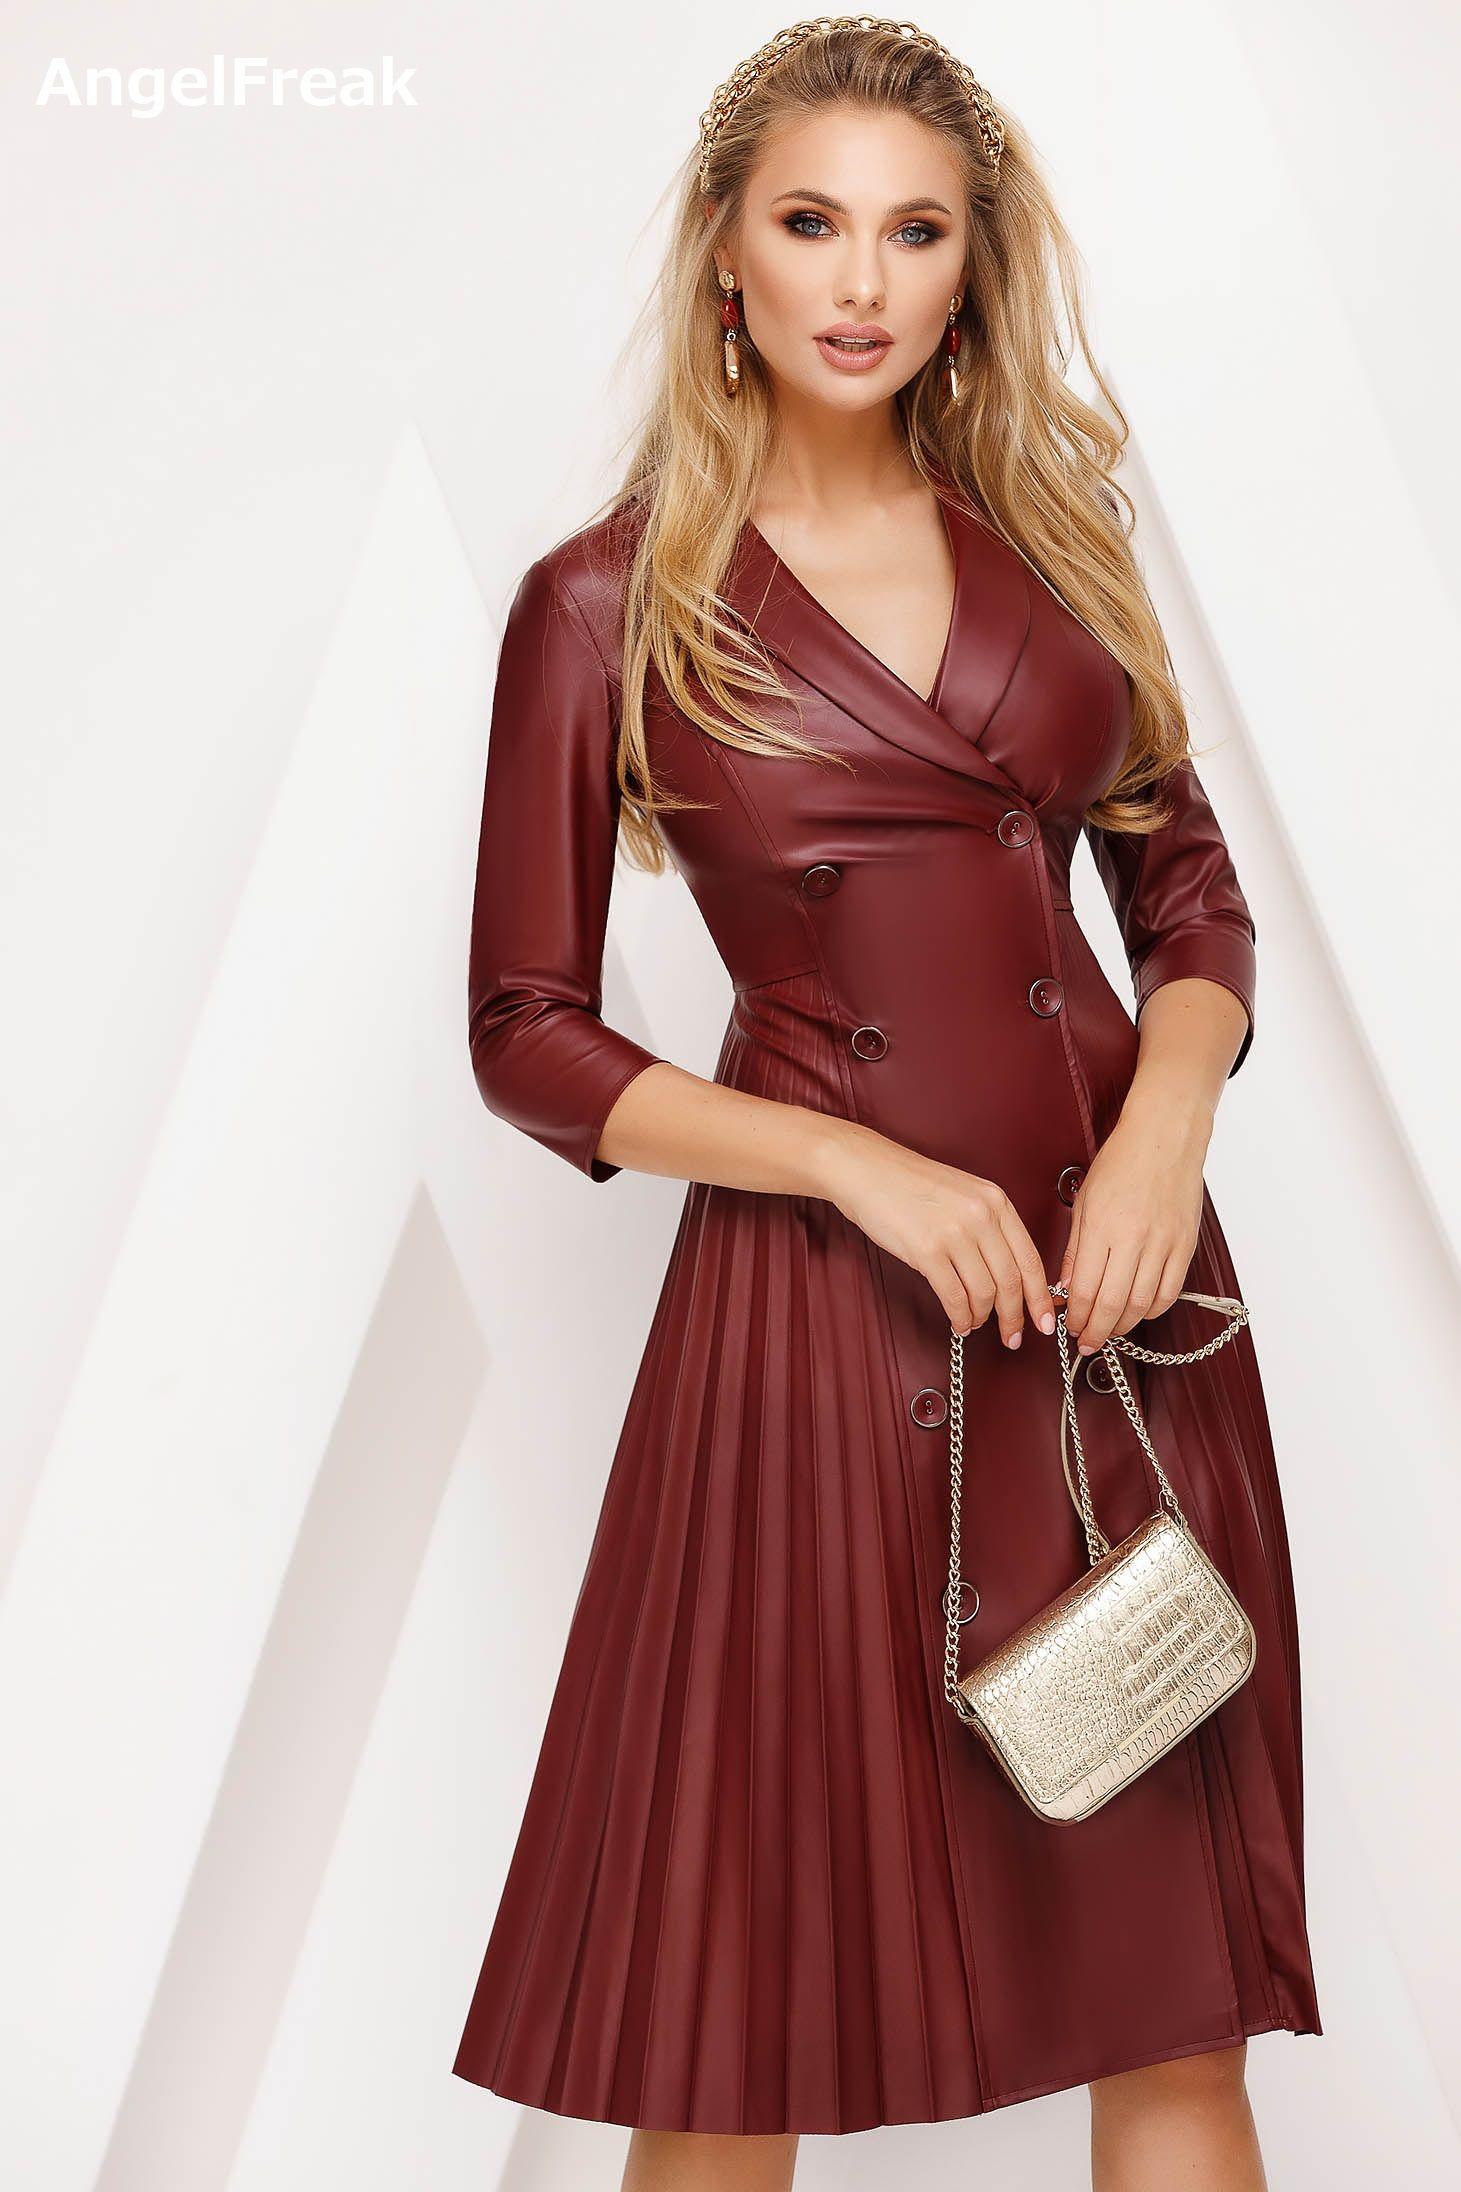 pin von henrik petersen auf leatherdress | kleider